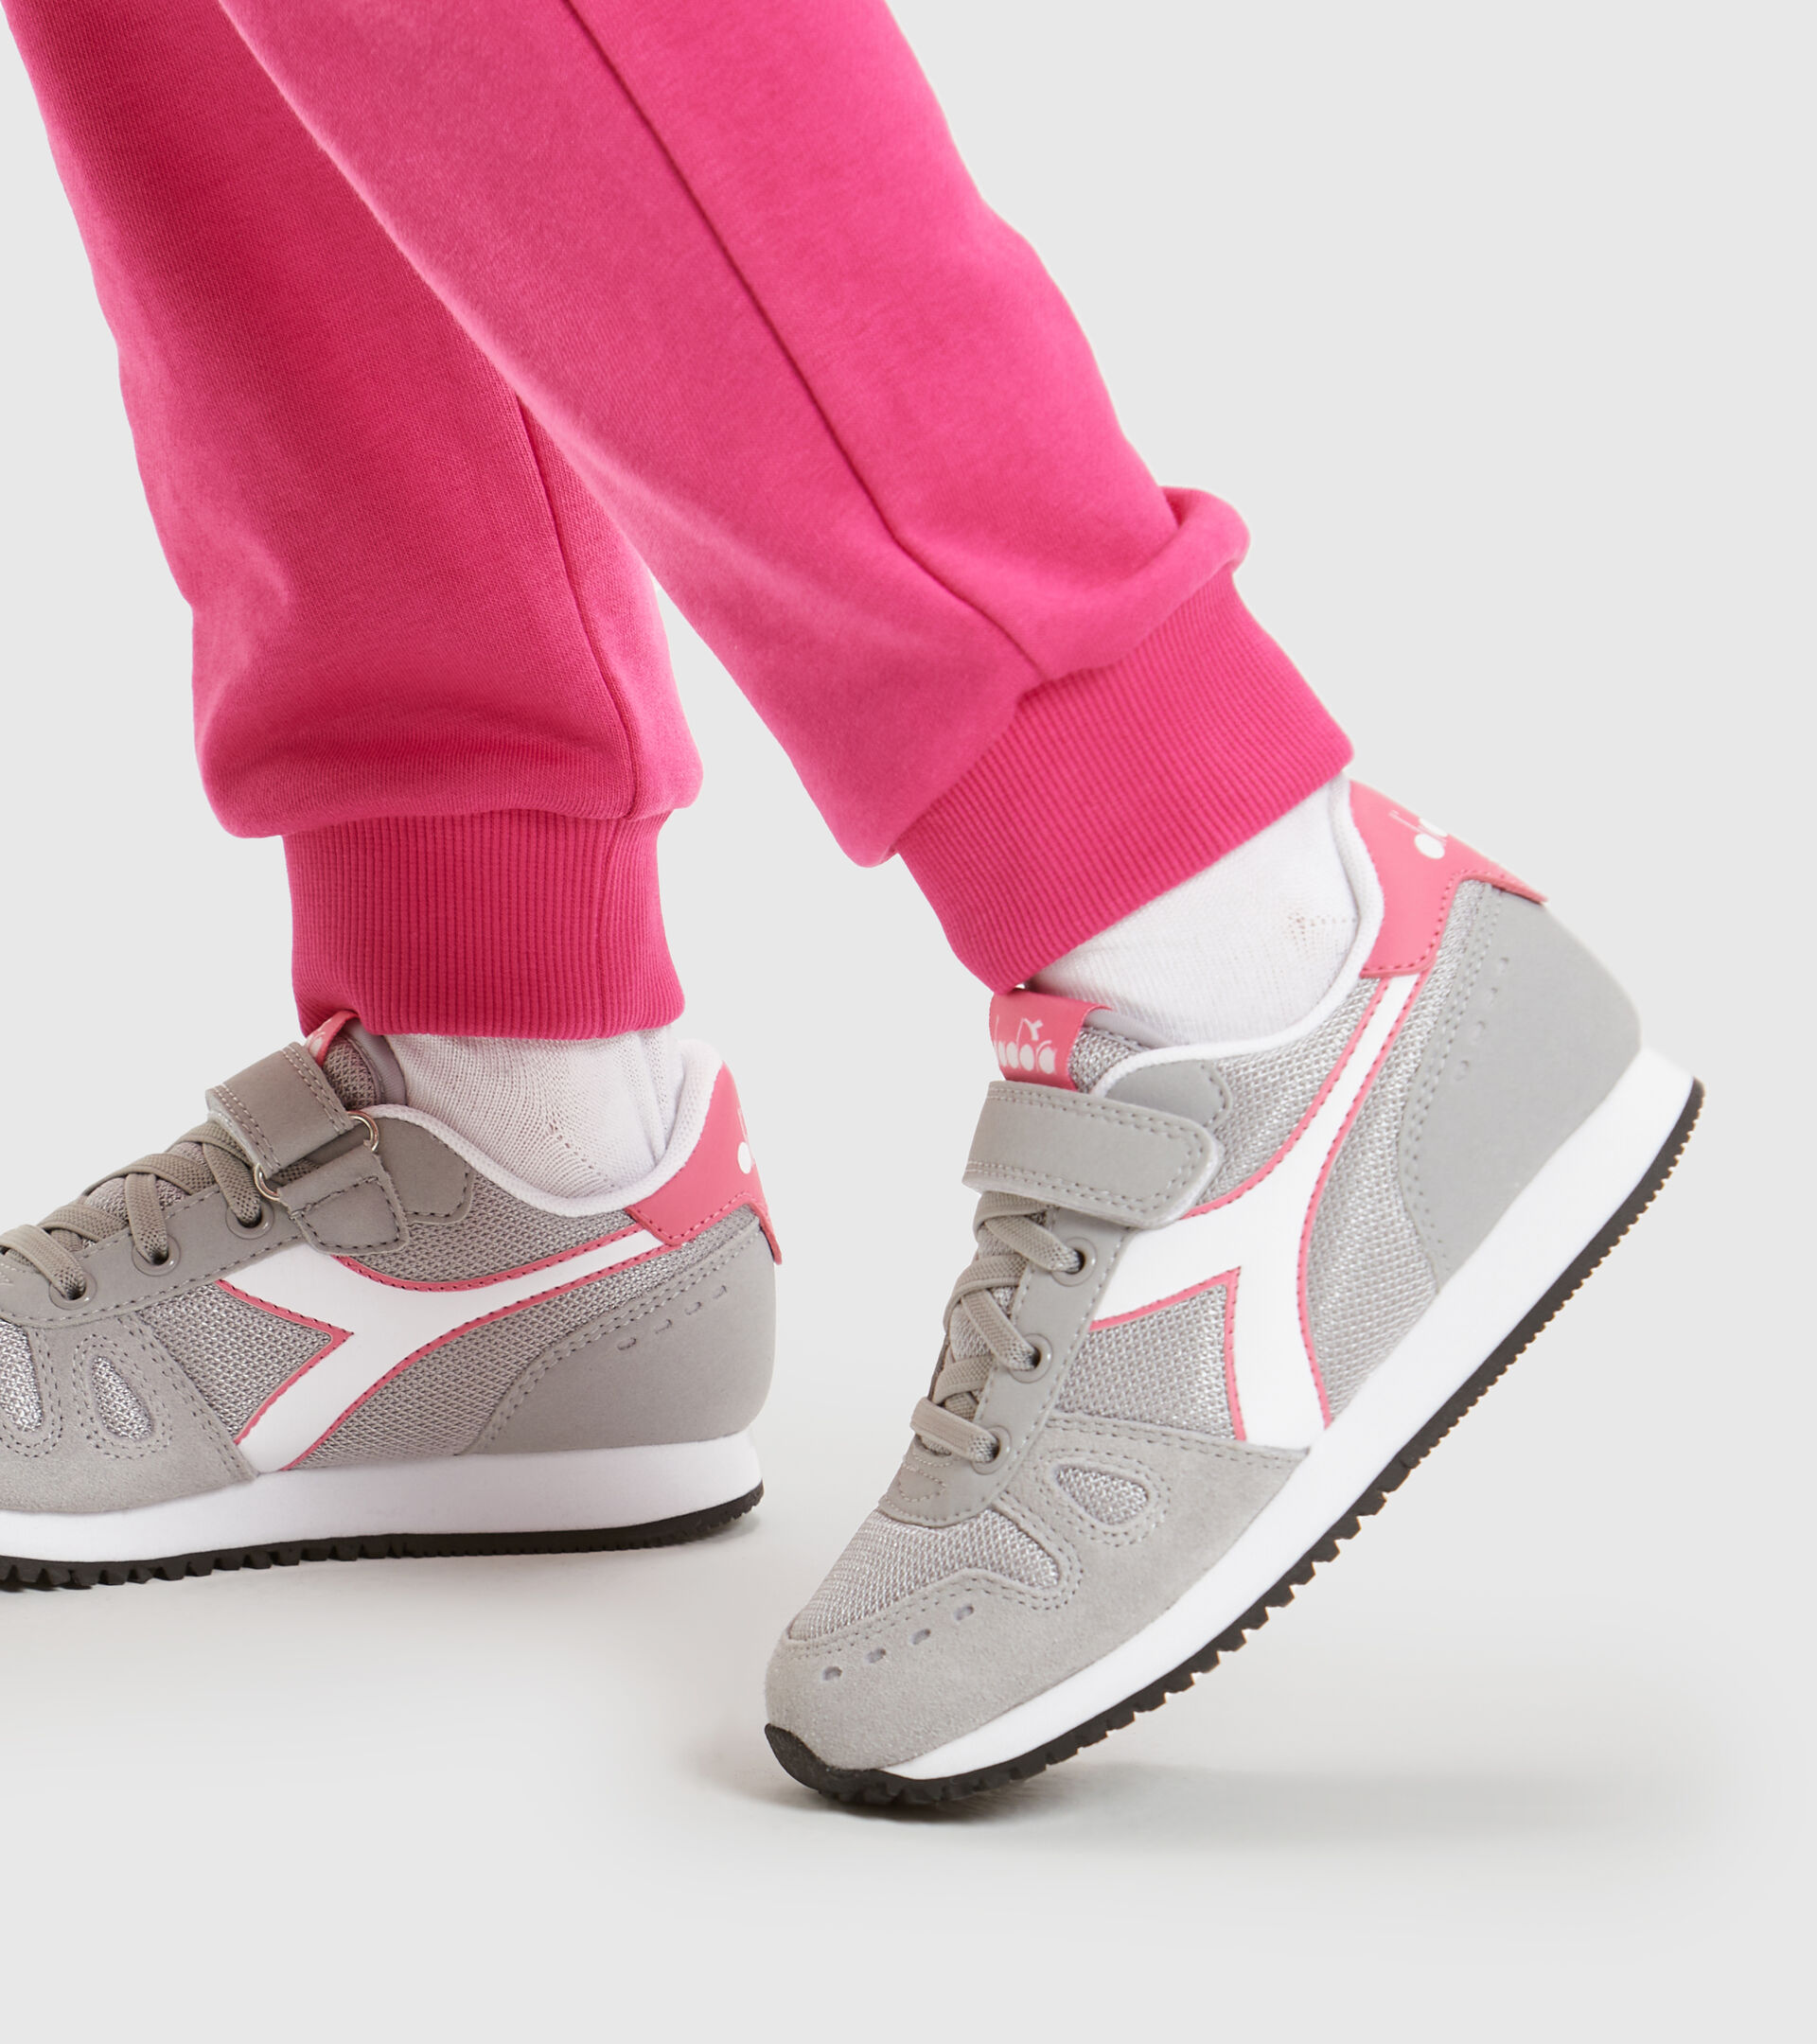 Zapatilla deportiva - Niños 4-8 años SIMPLE RUN PS GRIS PALOMA - Diadora